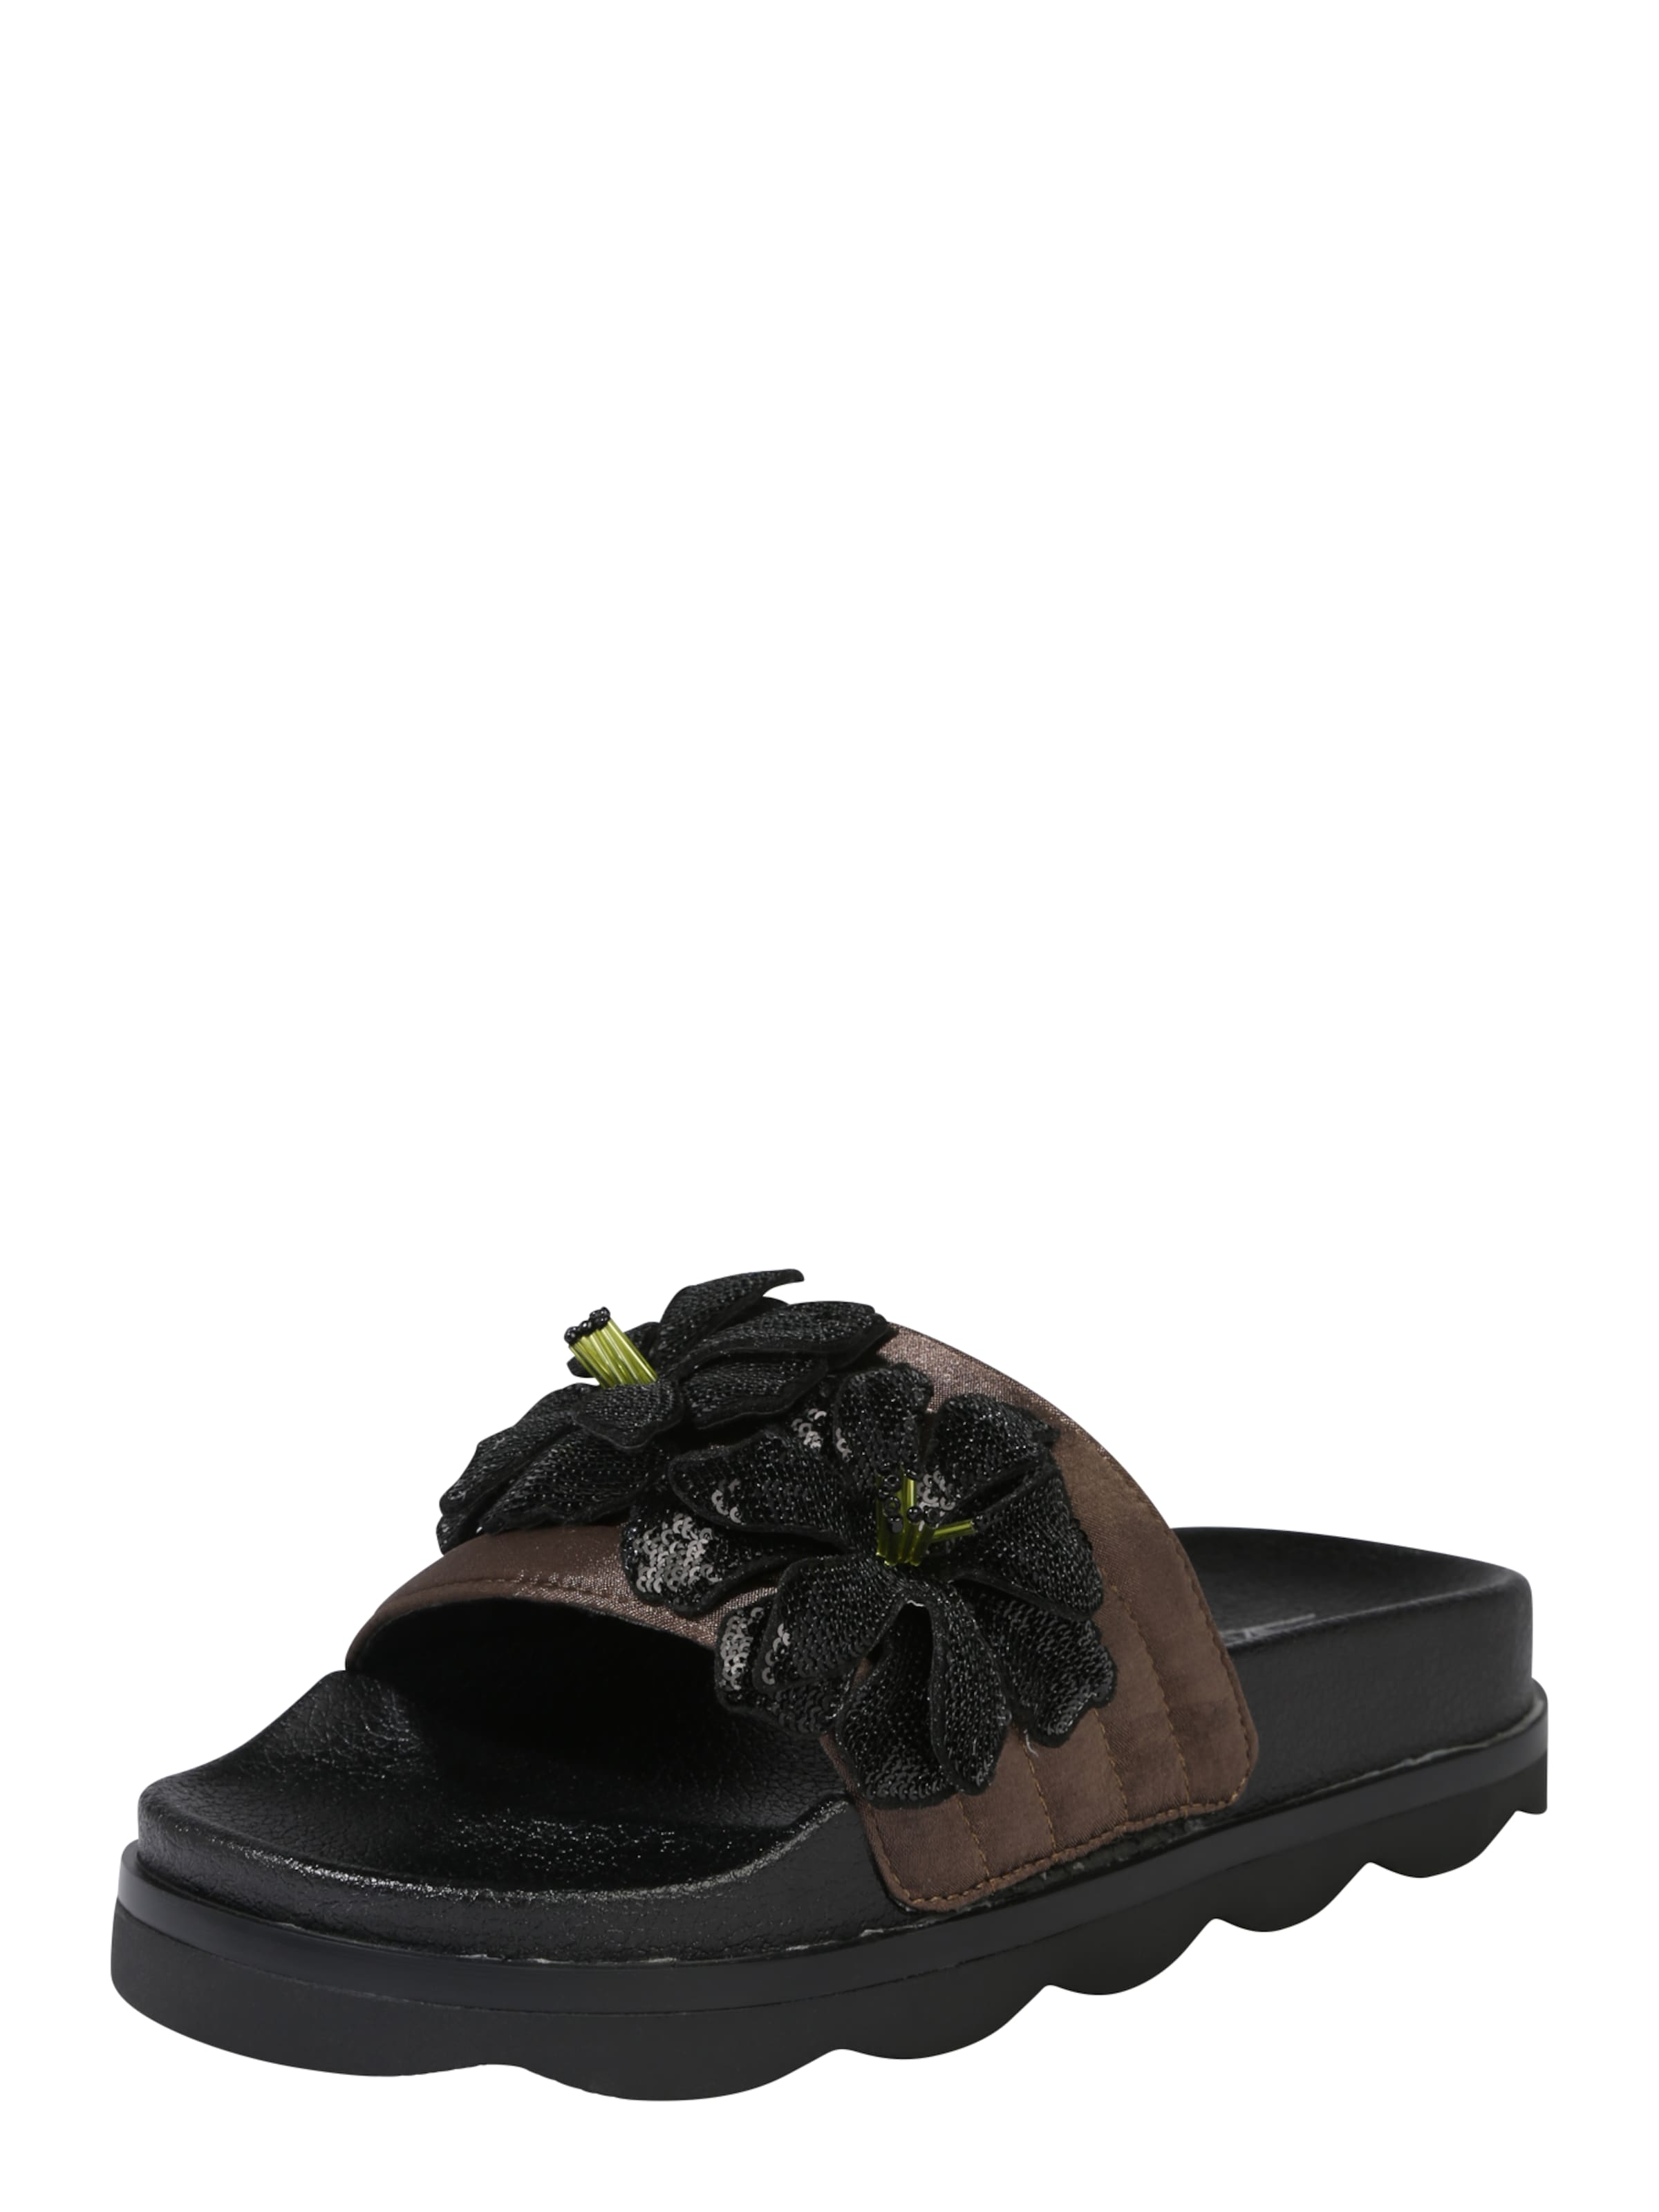 Sixtyseven Pantolette Belle Verschleißfeste billige Schuhe